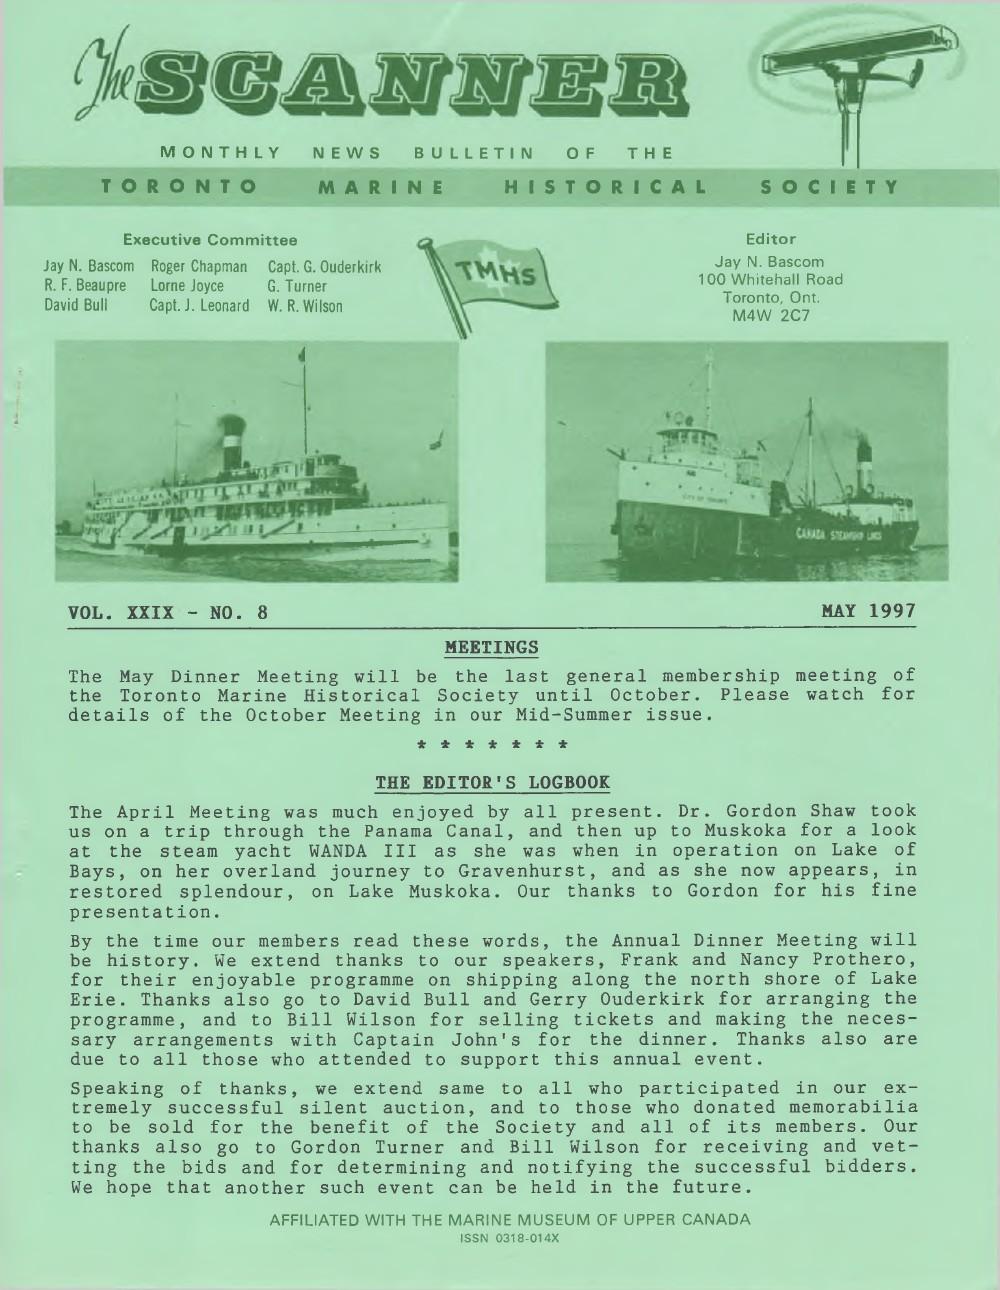 Scanner, v. 29, no. 8 (May 1997)